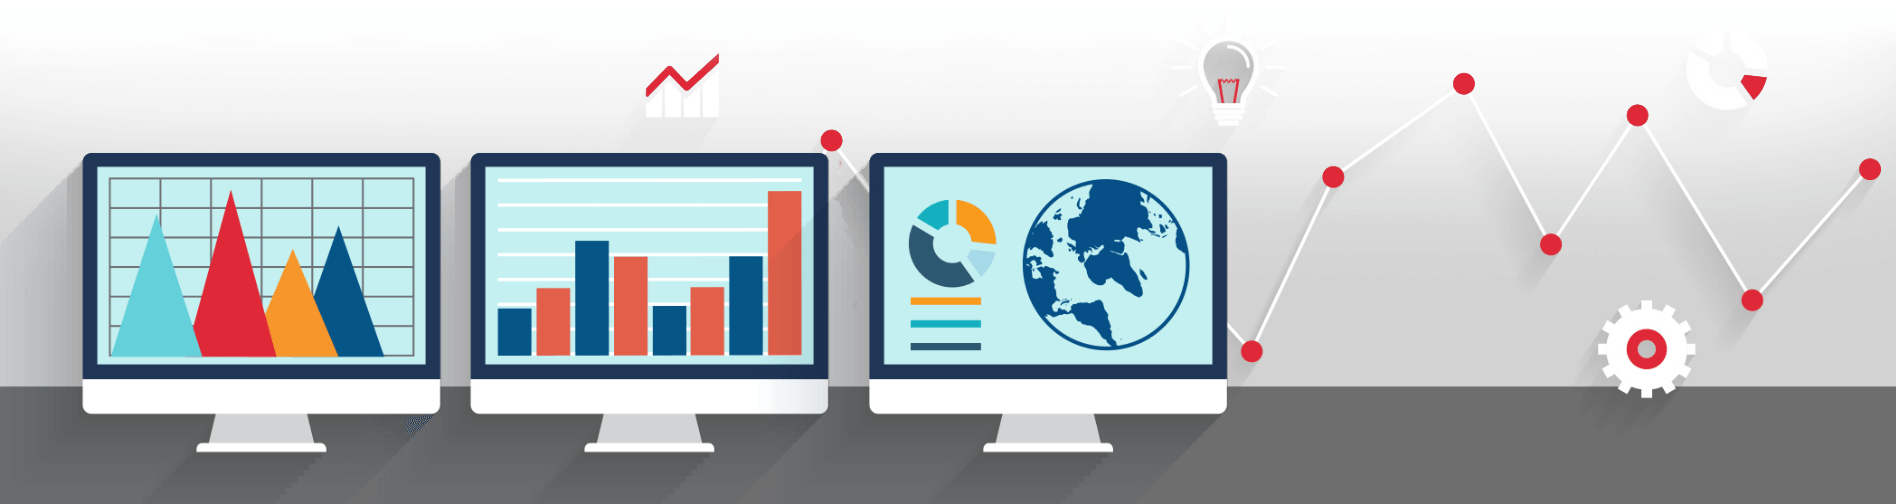 Seo Оптимизация-Google Analytics and Cherry Adv- Реклама Онлайн - Реклама за Онлайн Магазин - Фейсбук поддръжка и Реклама